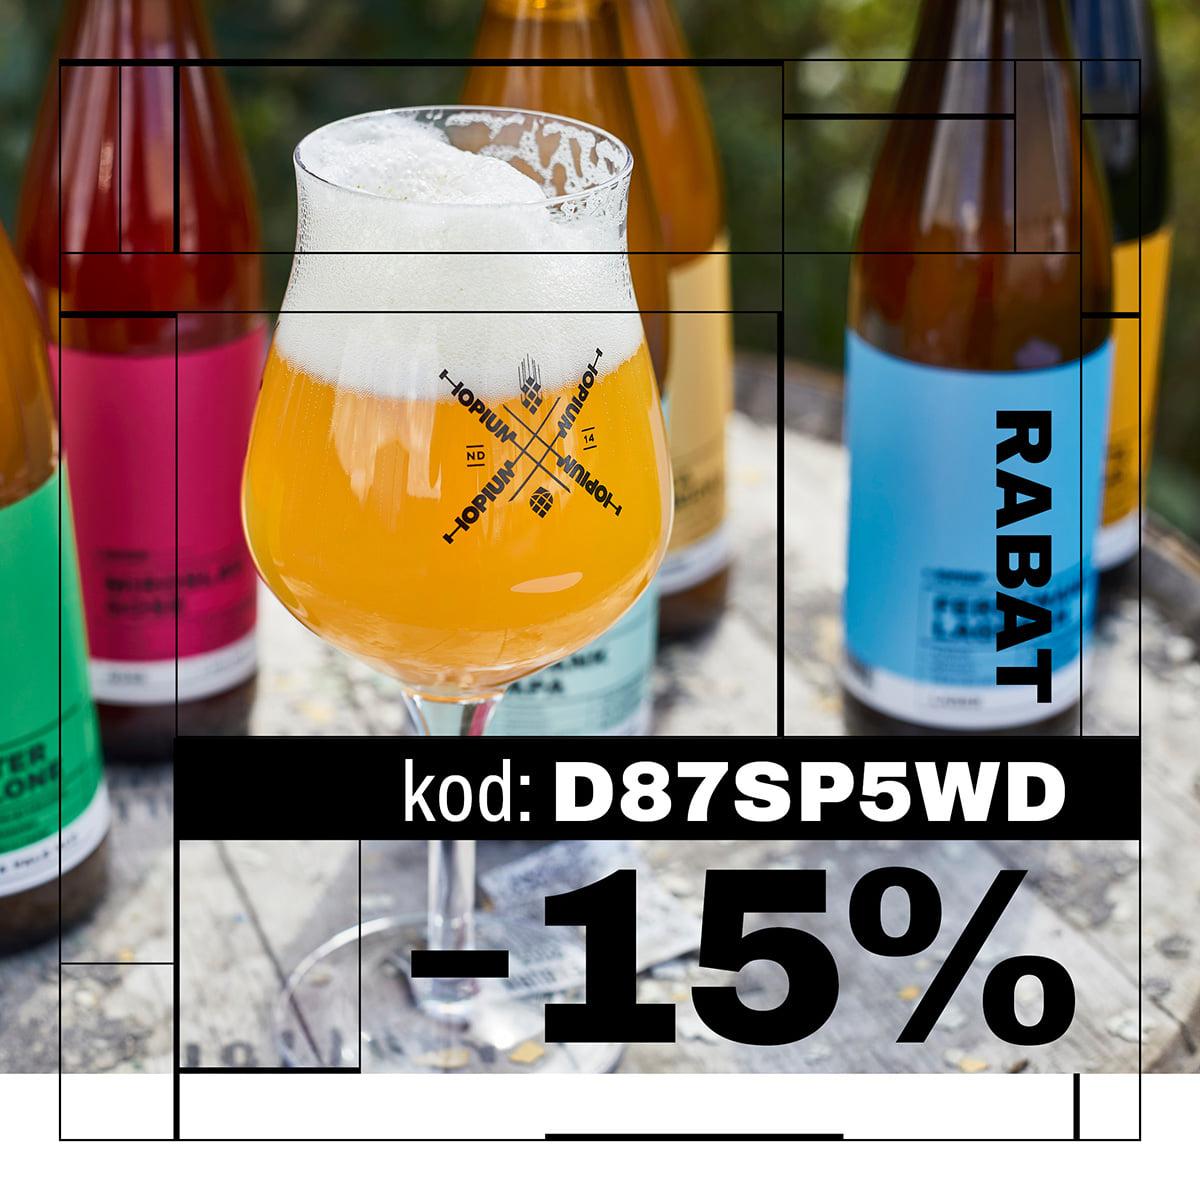 Kod zniżkowy na piwa Hopium 15% w sklepie internetowym